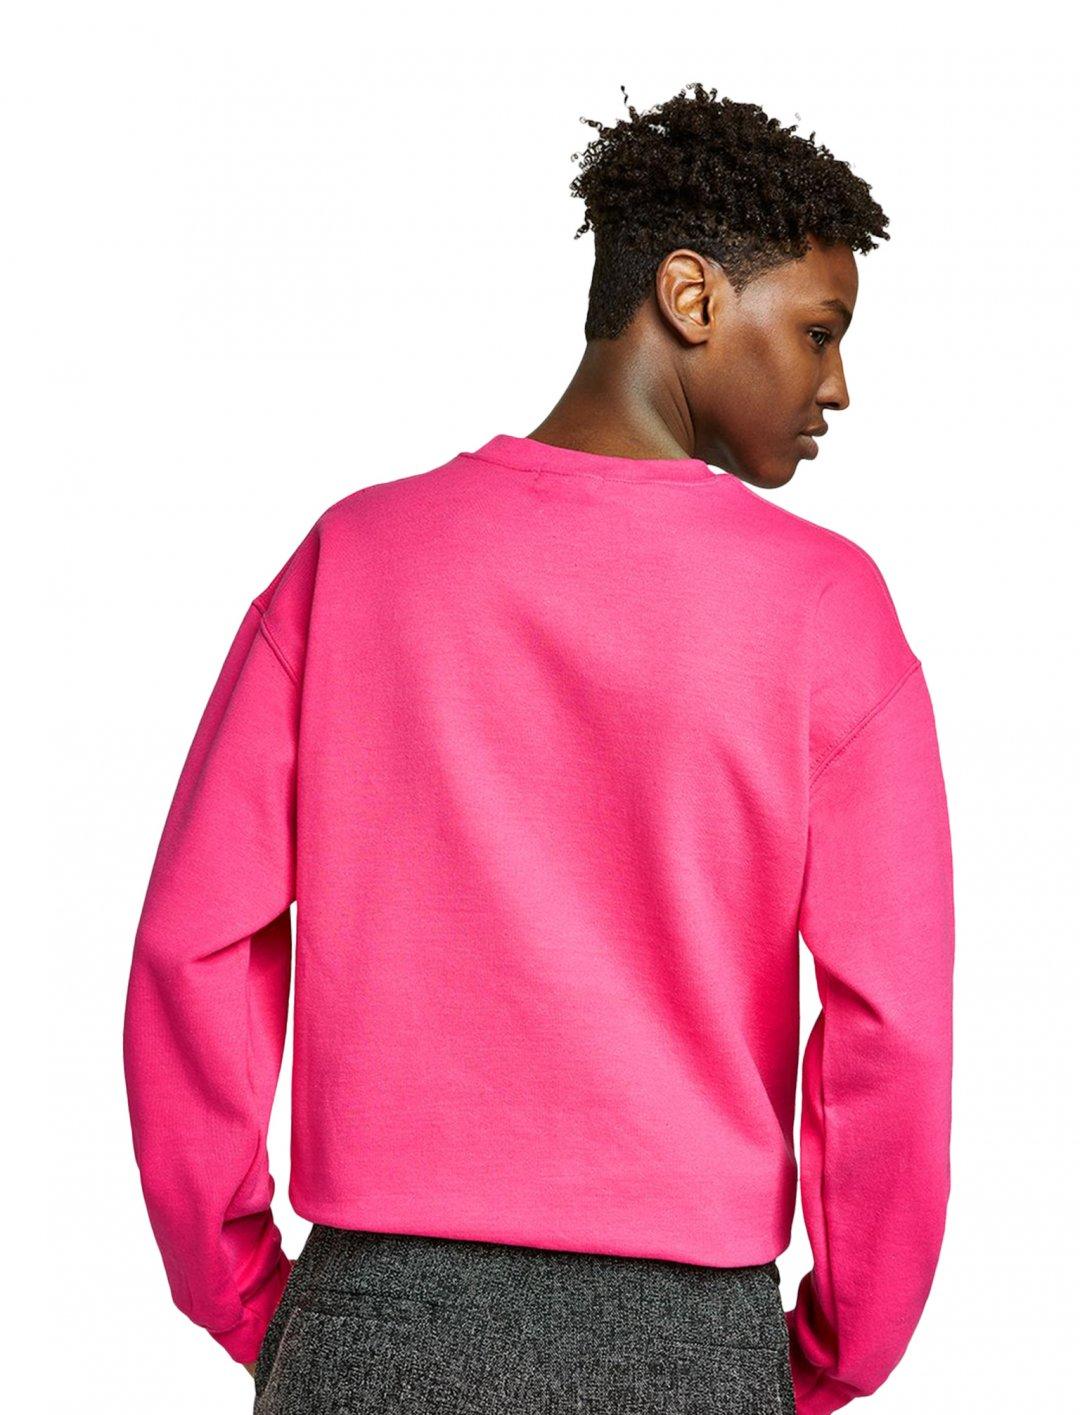 """Topman 'Idols' Print Sweatshirt {""""id"""":5,""""product_section_id"""":1,""""name"""":""""Clothing"""",""""order"""":5} Topman"""